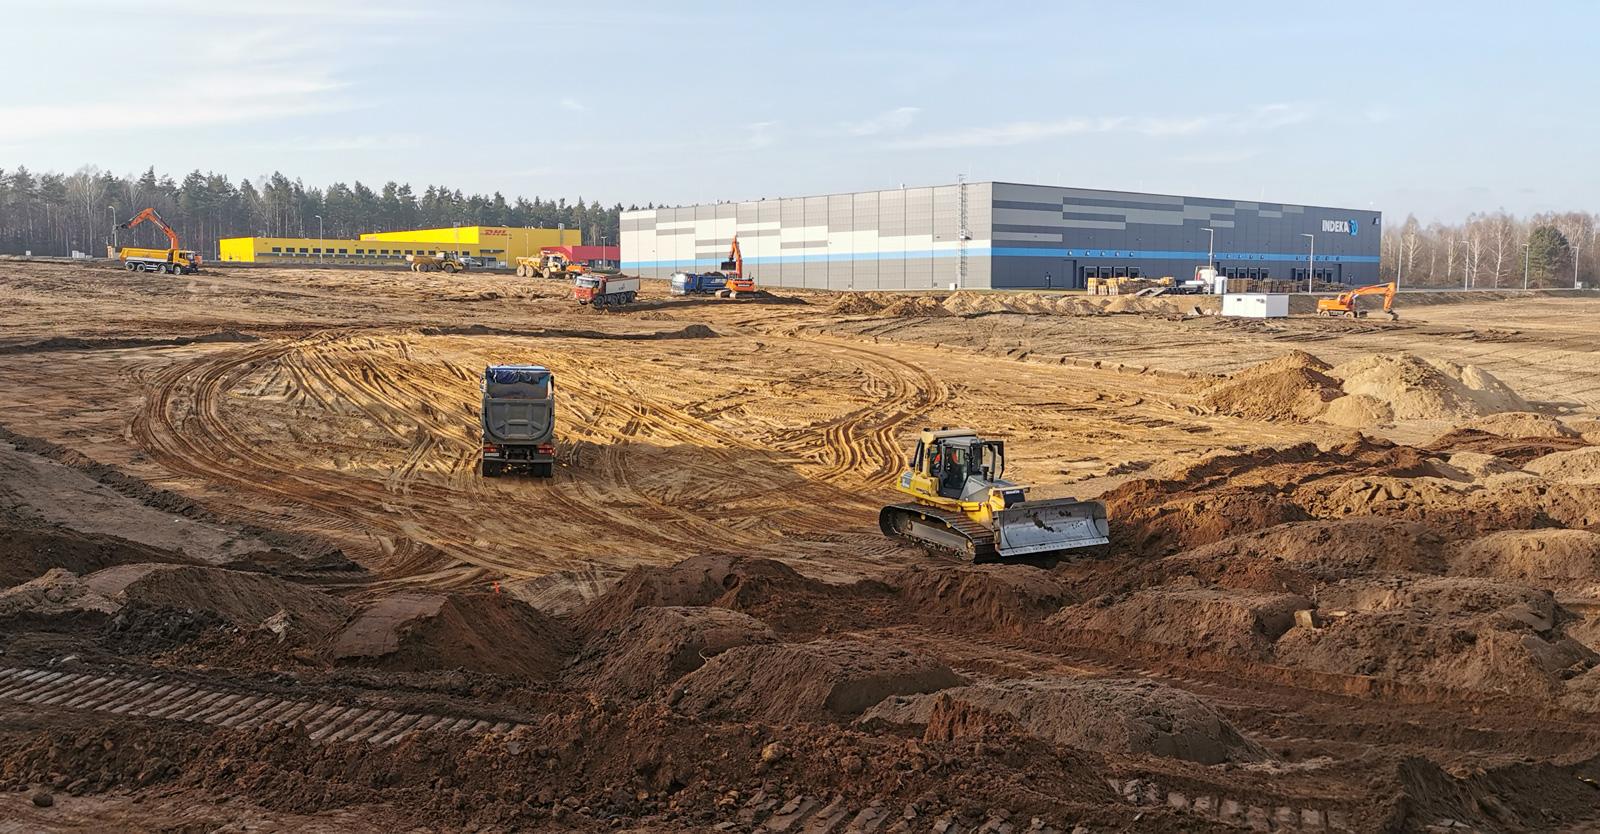 pierwszy etap prac ziemnych - budowa centrum logistycznego, dla Indeka Logistic City, etap 2, Płaszewko, woj. pomorskie